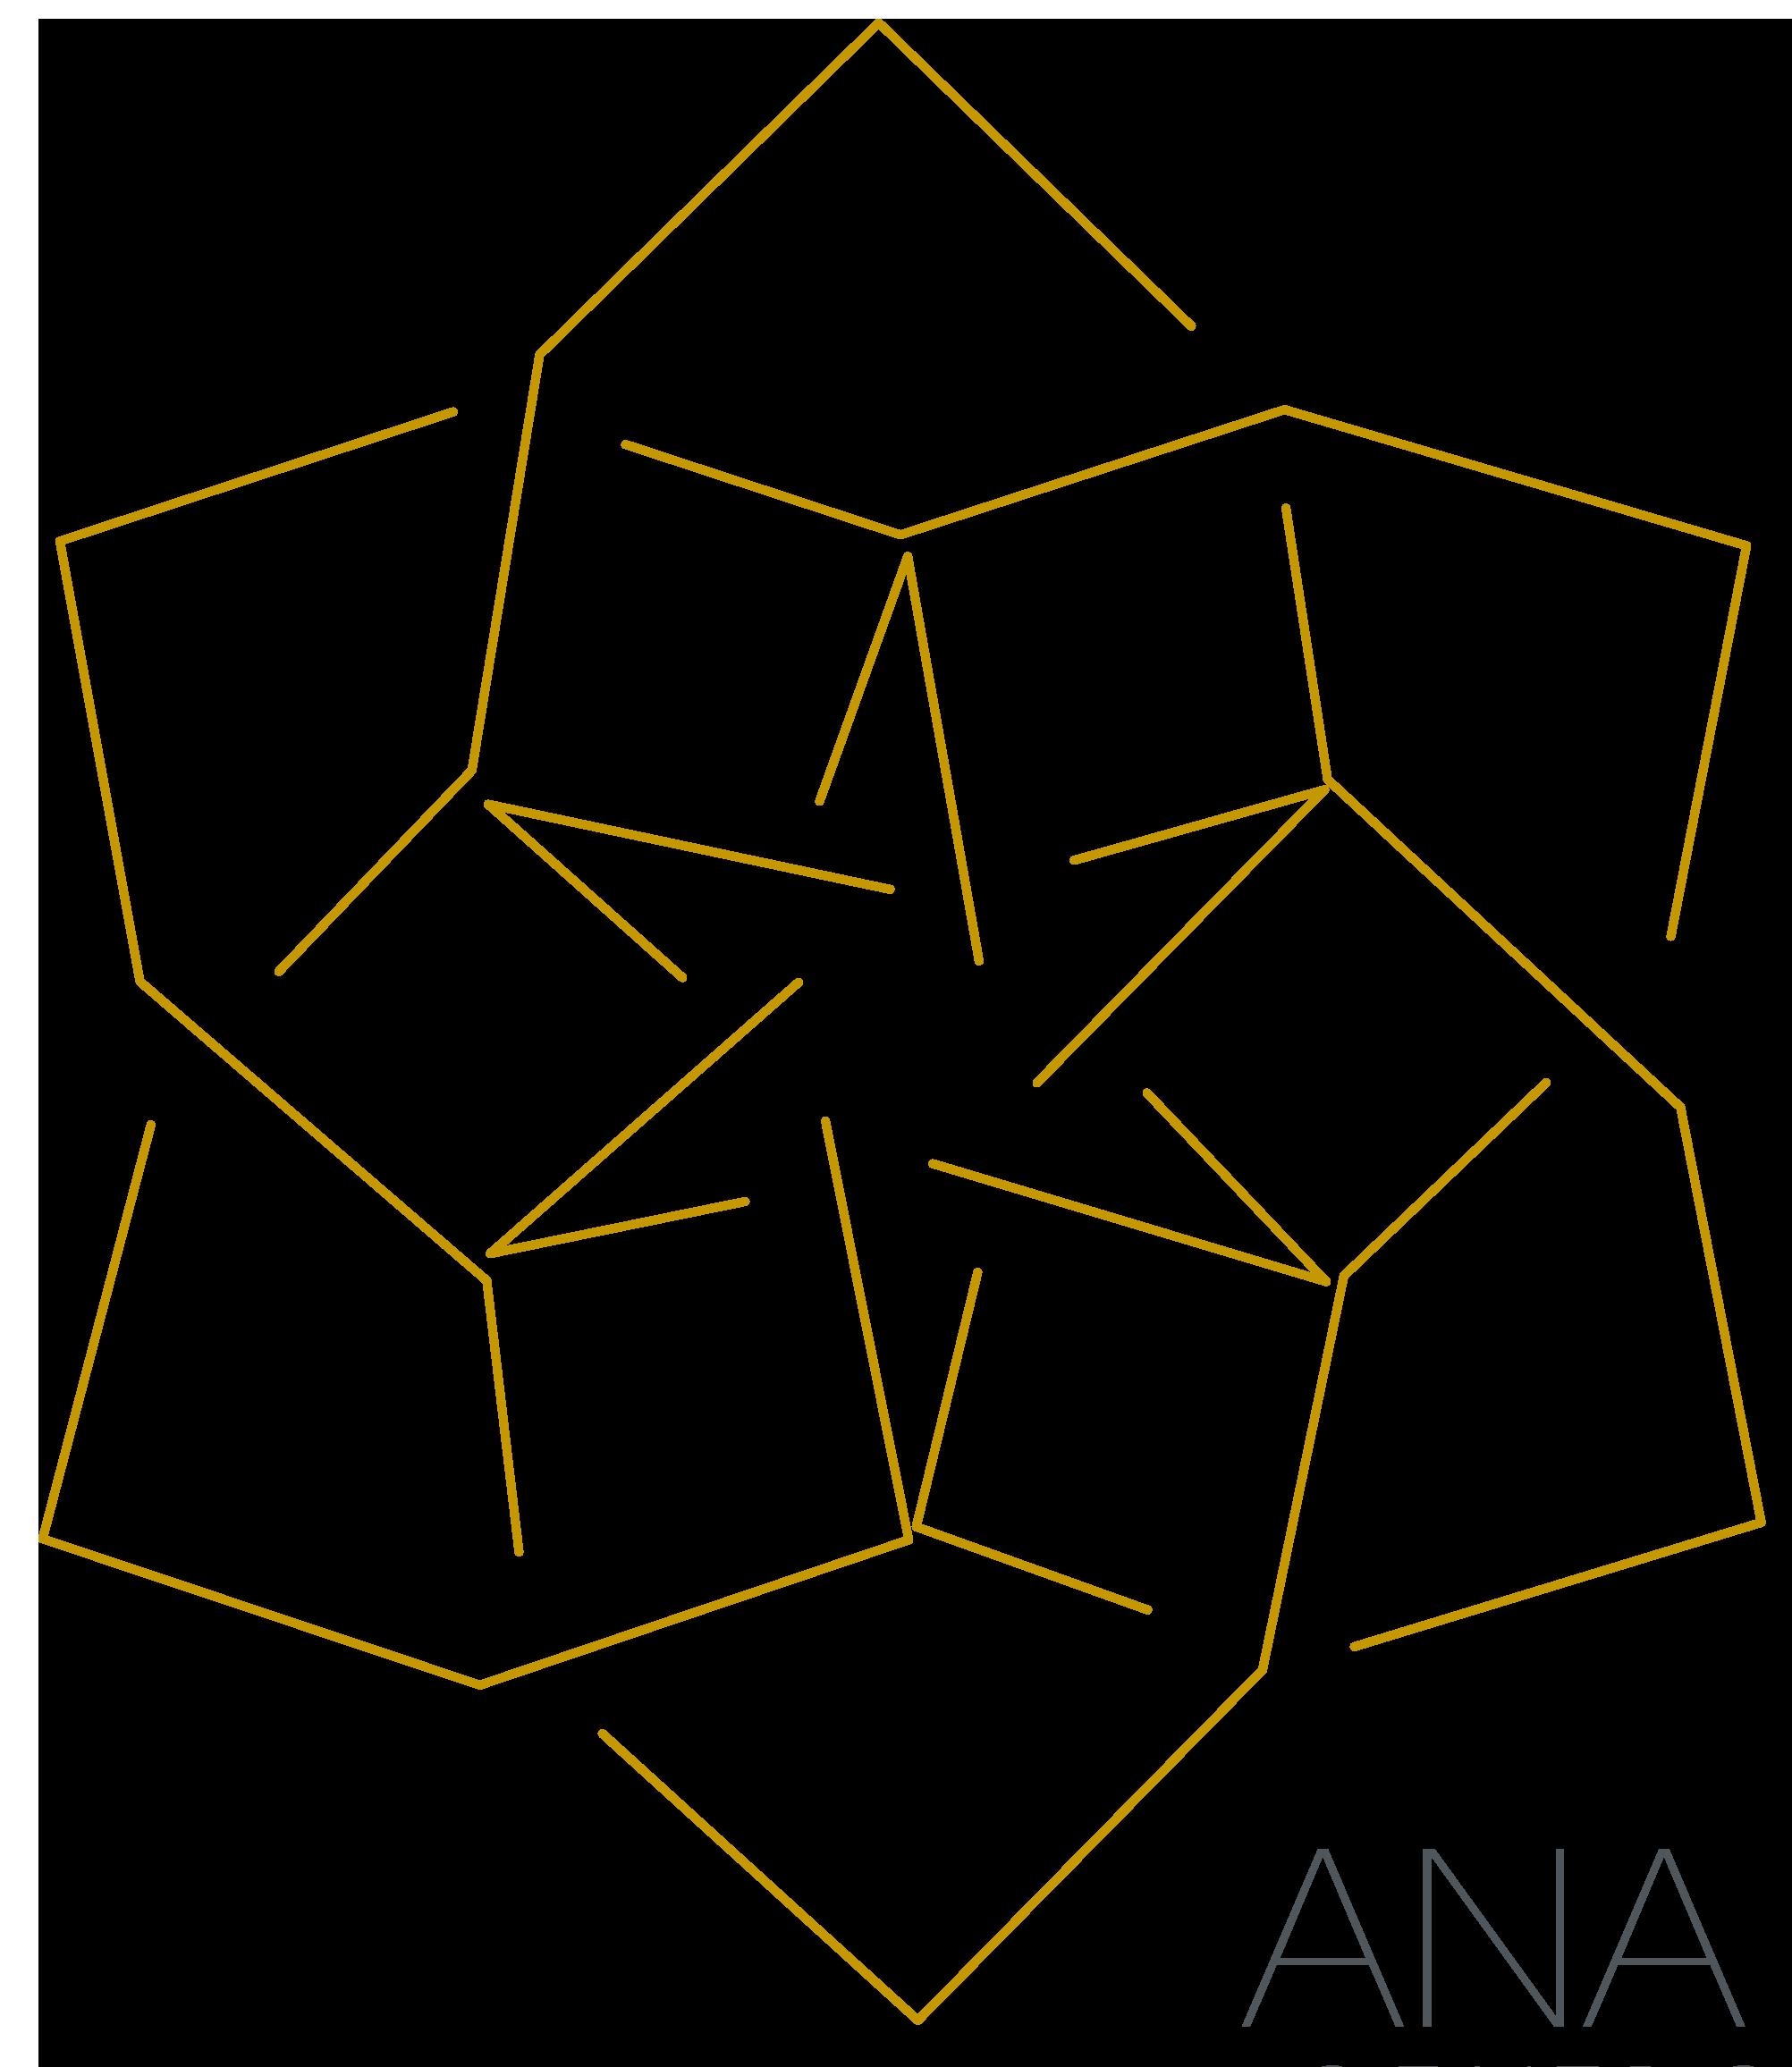 logo_ana_santos